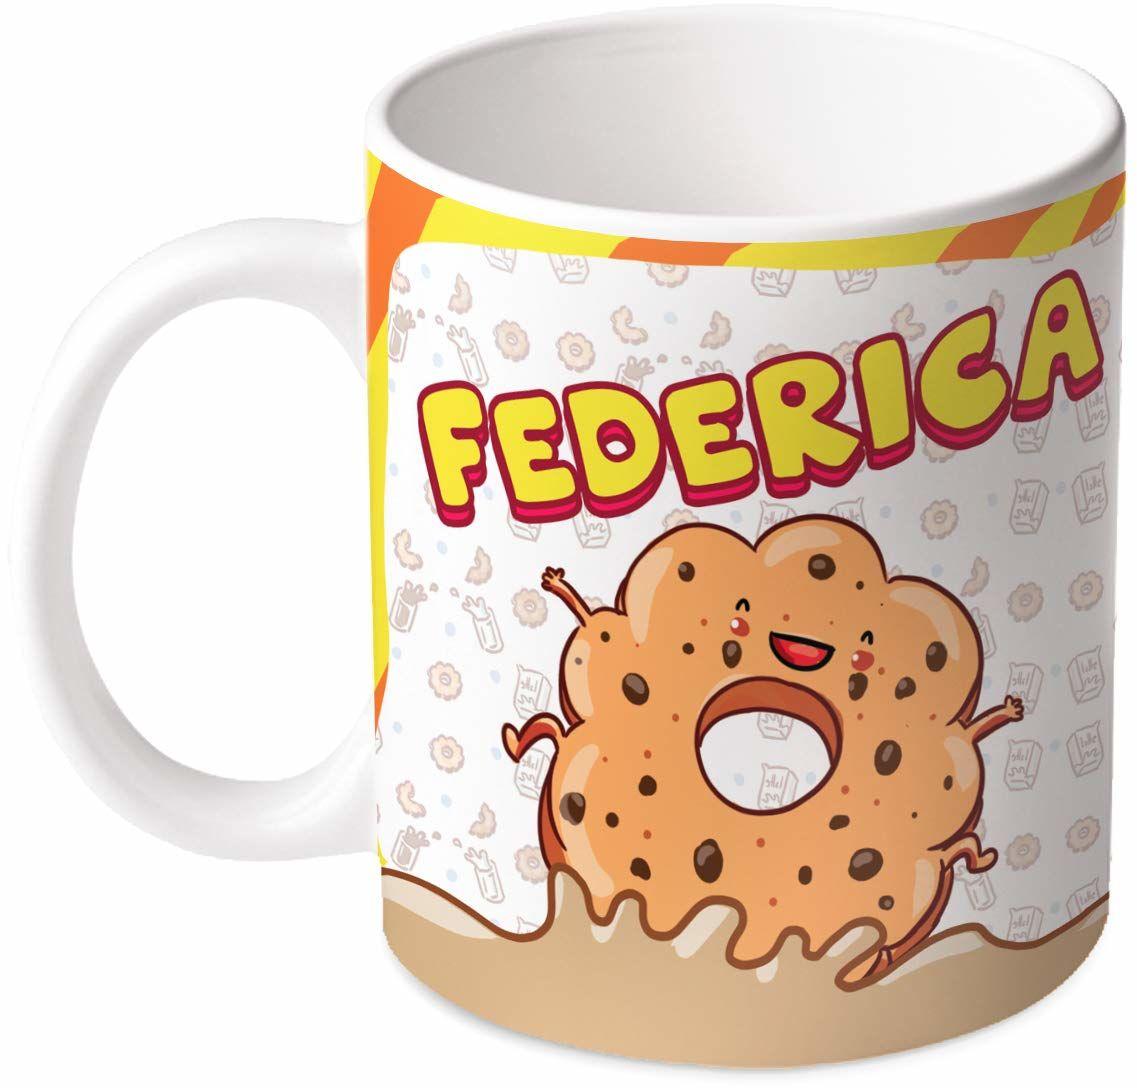 M.M. Group Filiżanka z imieniem i znaczeniem Federica, 30 ml, ceramika, wielokolorowa